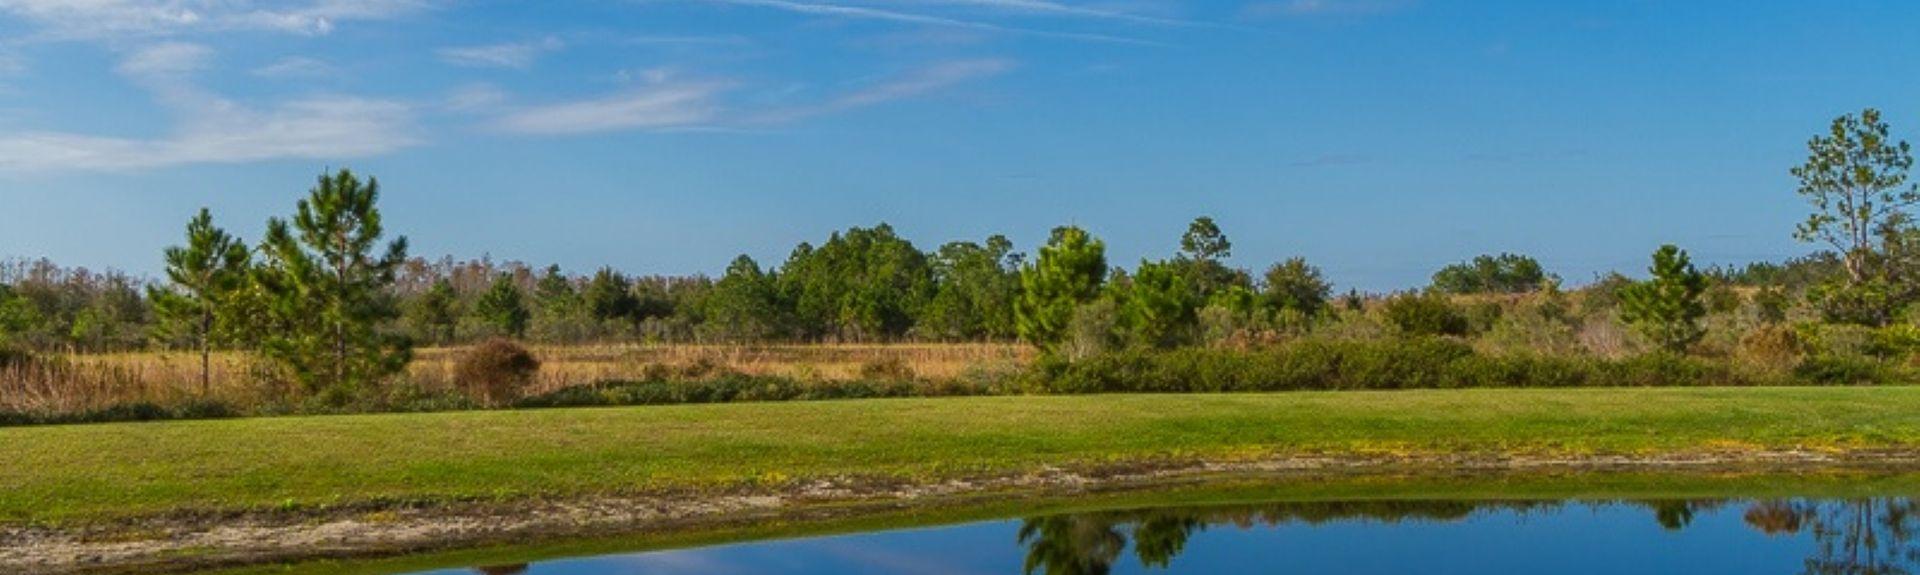 High Grove (Four Corners, Floride, États-Unis d'Amérique)